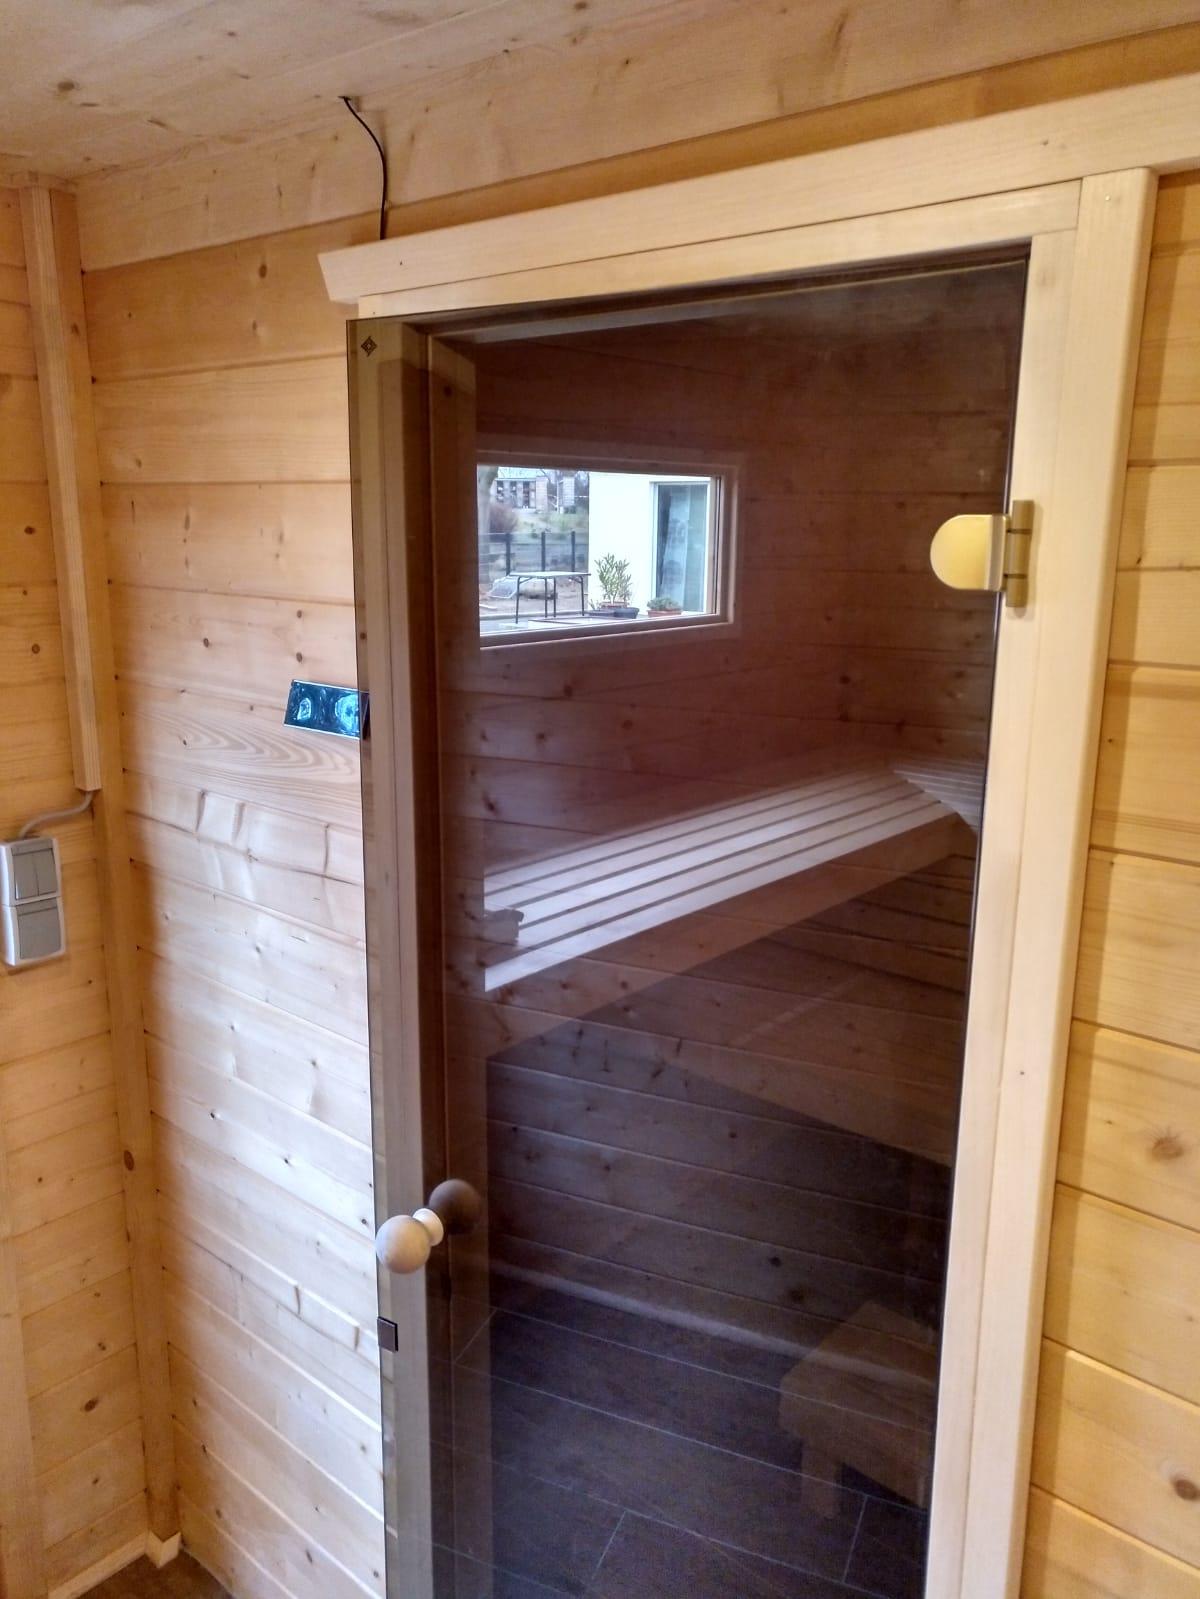 Full Size of Außensauna Wandaufbau Eigenbau Auensauna Mein Plan Wohnzimmer Außensauna Wandaufbau